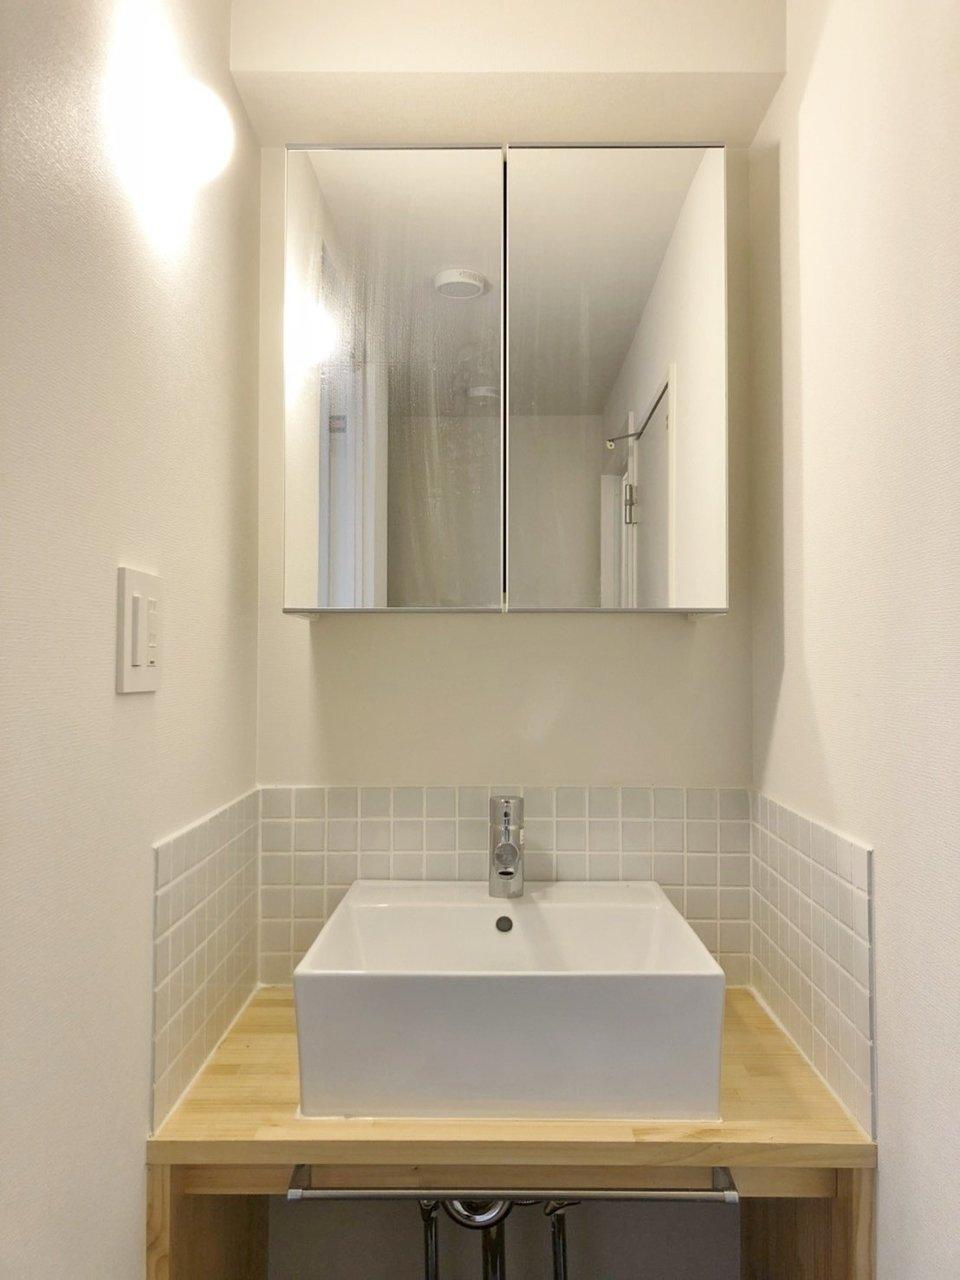 個人的にうれしいのは、この洗面台。薄いブルーのタイルで囲まれています。一見狭そうに見えますが、壁と洗面ボウルの間に物がいろいろ置けるので、収納には困らなそう。かわいい歯ブラシ立てや、なかなか使っていなかったハンドソープや石けんを置いてもいいなぁ。